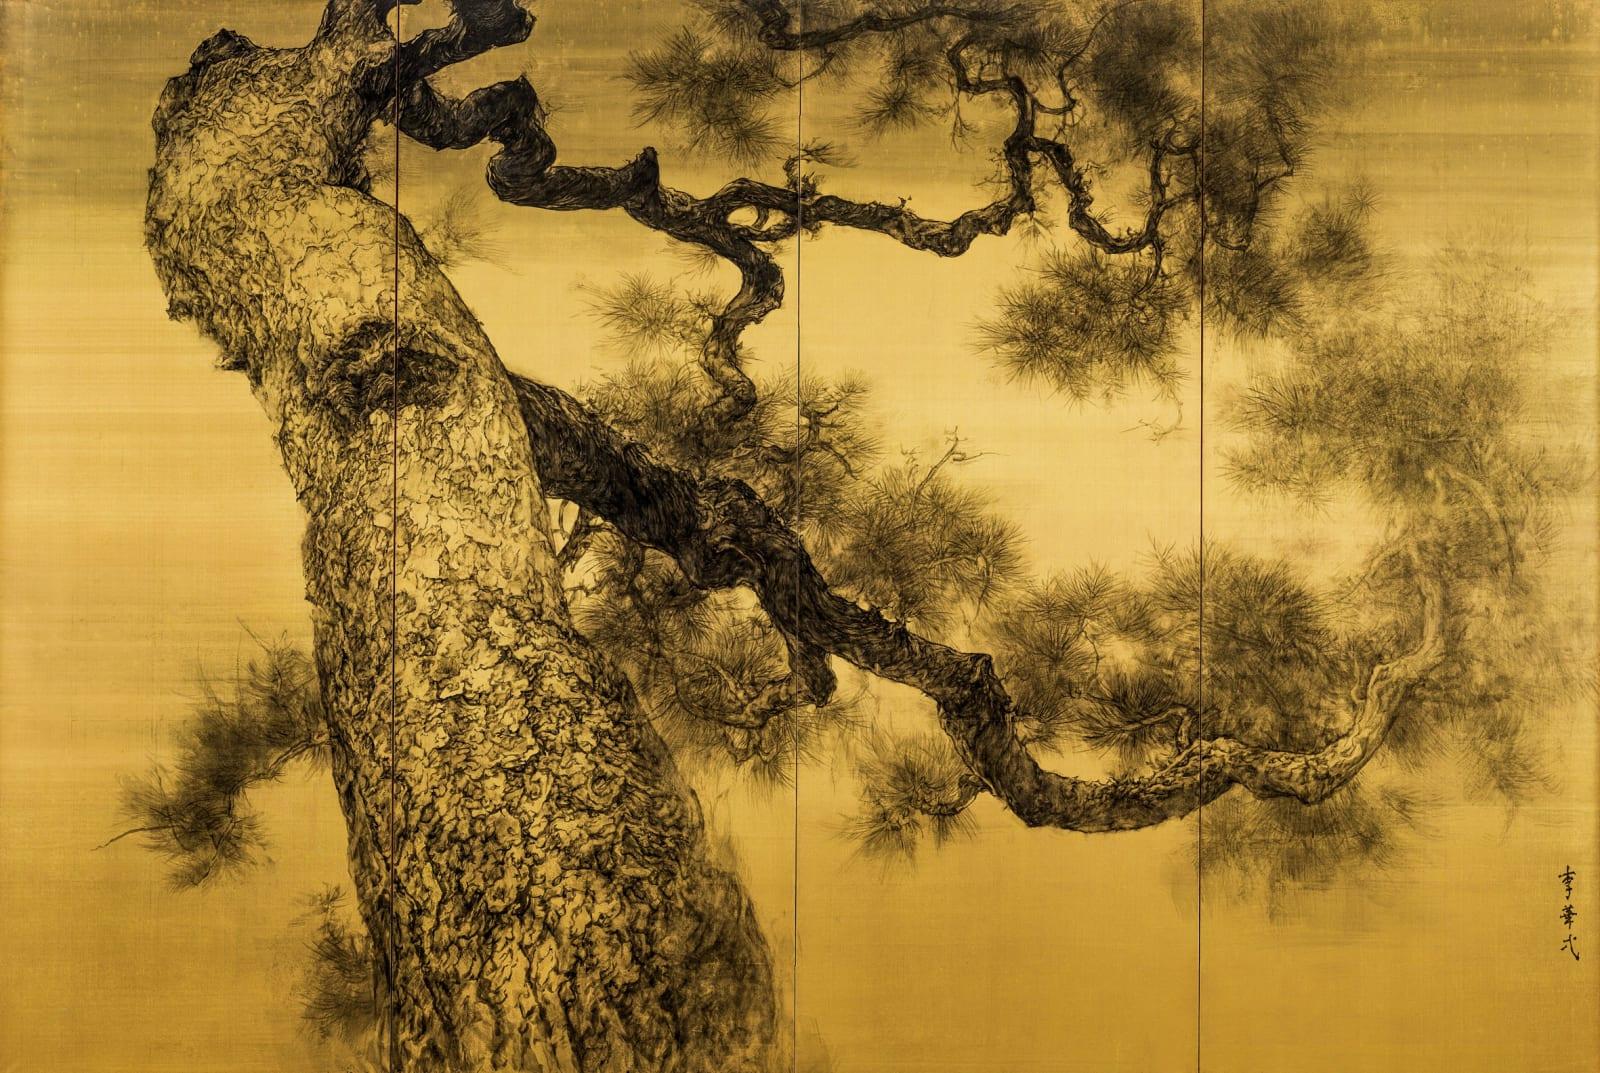 Li Huayi 李華弌, A Boundless World 《海闊天高》, 2017